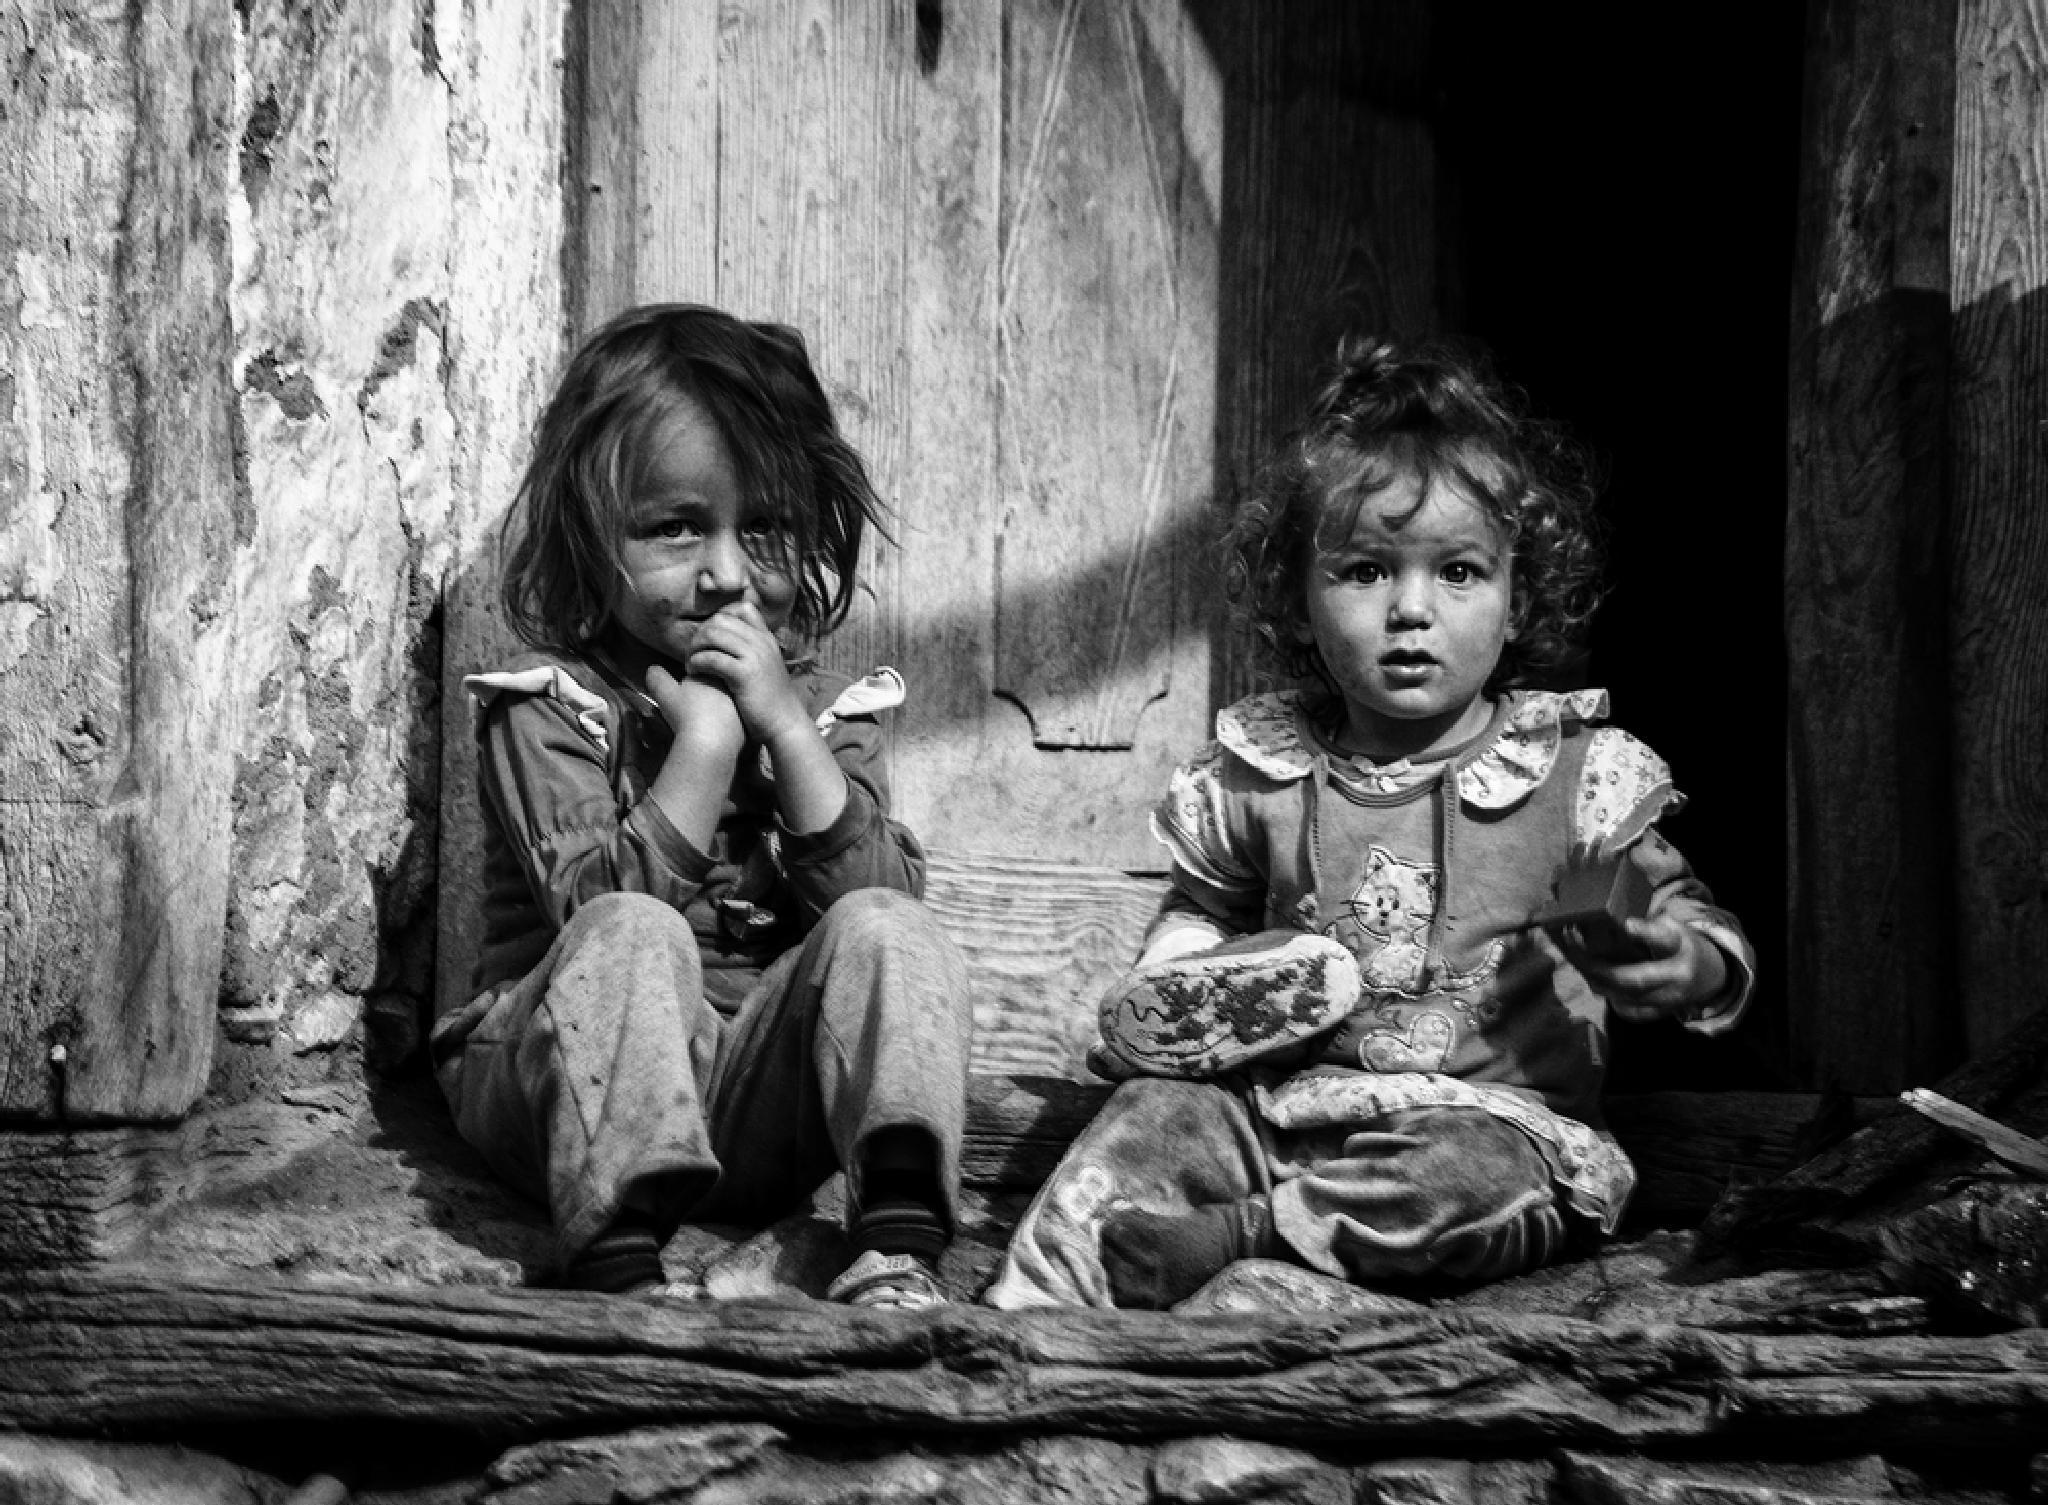 Two Girls by Erol AYYILDIZ